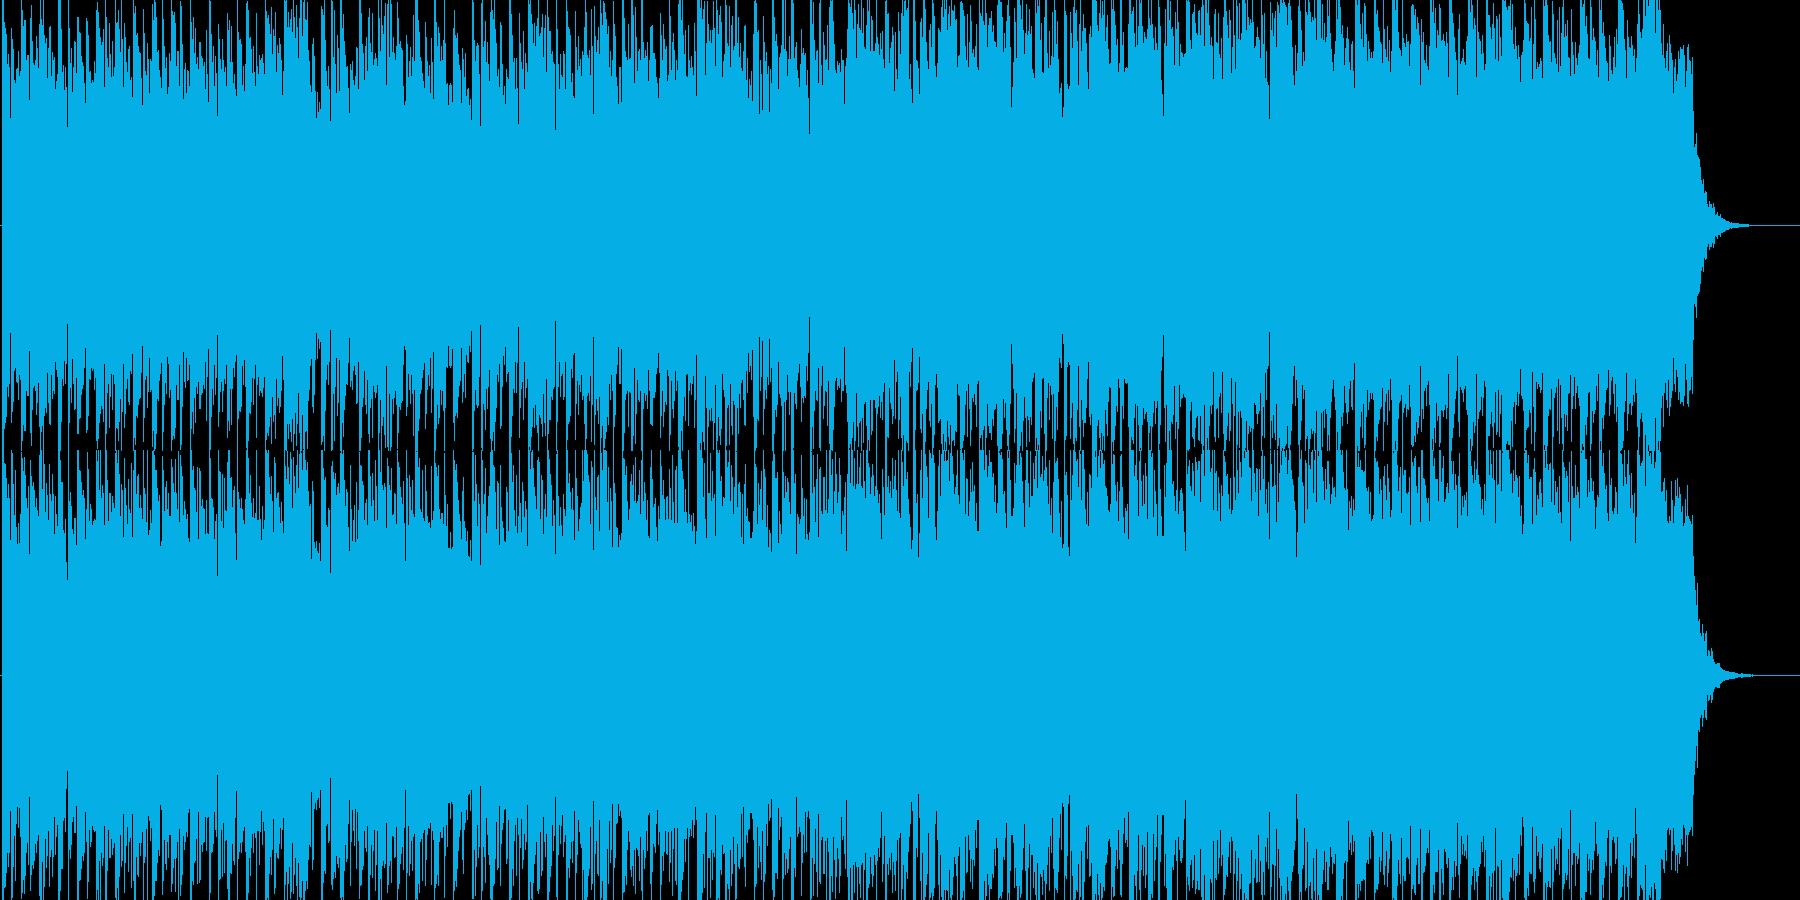 幻想的なテクノサウンドでYMO風の再生済みの波形